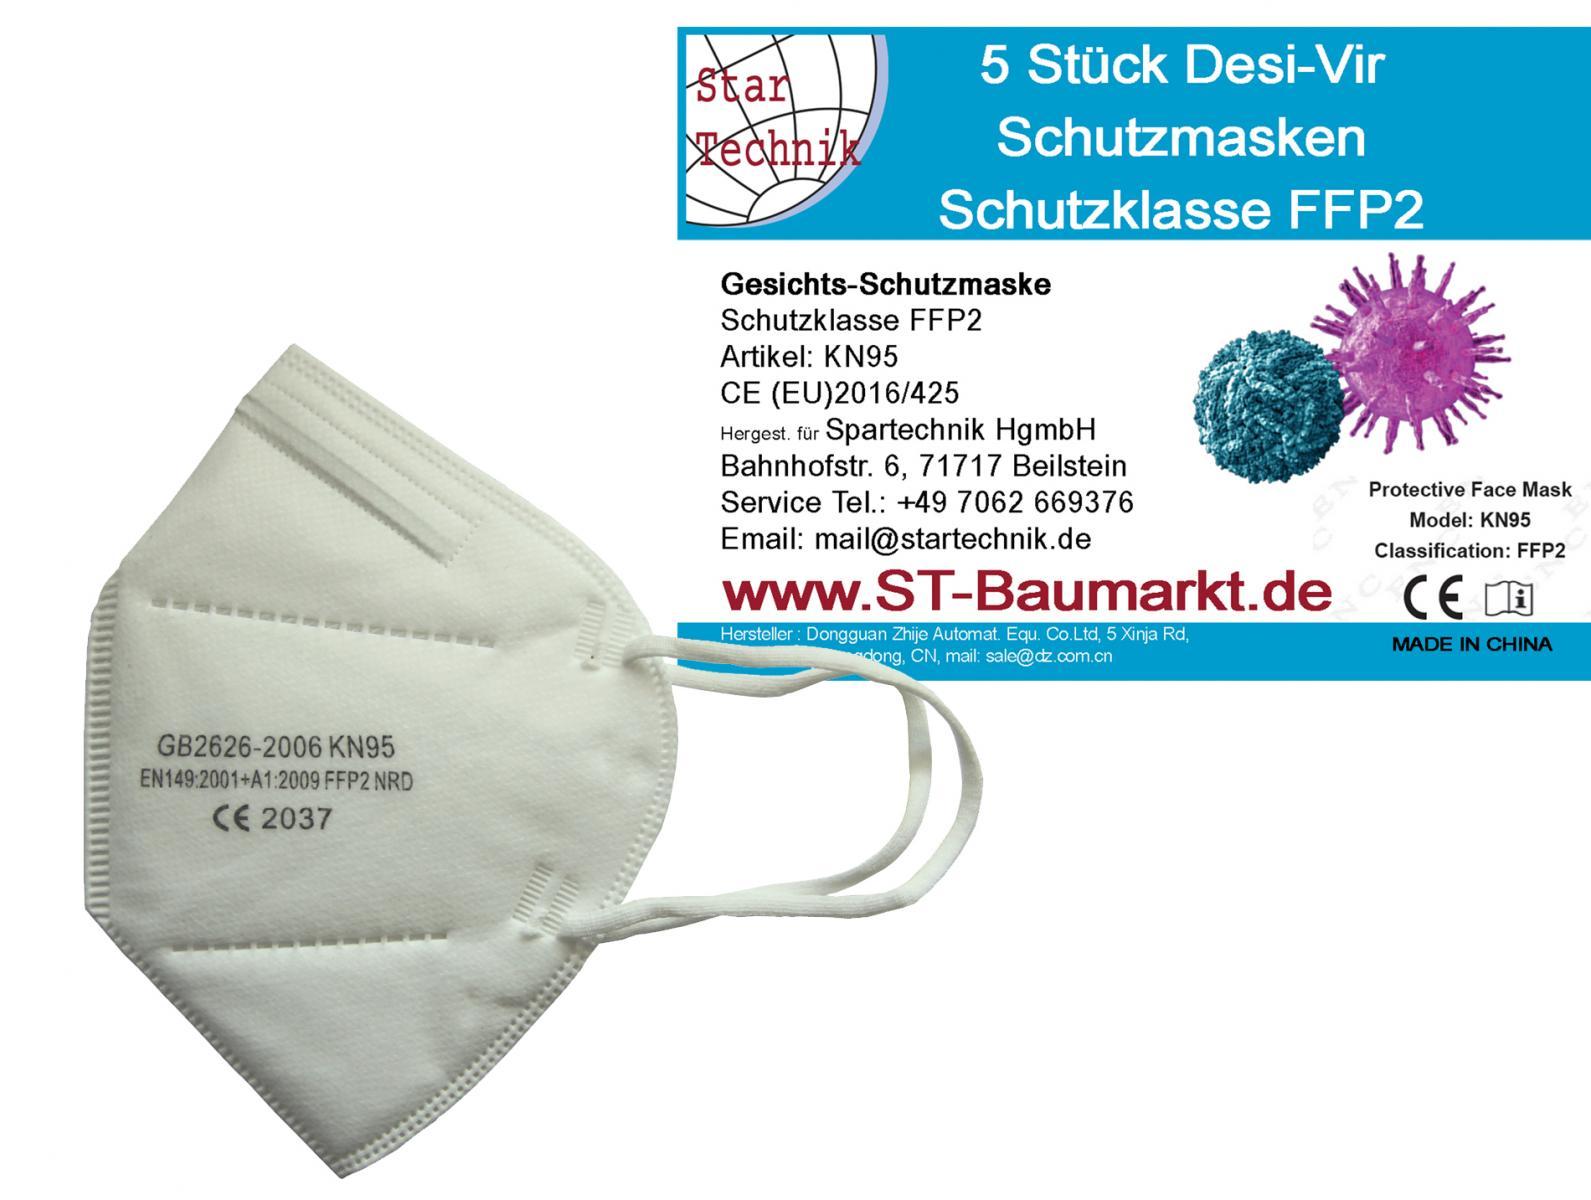 Schutzmasken Schutzklasse FFP2 Gesichtsschutzmaske